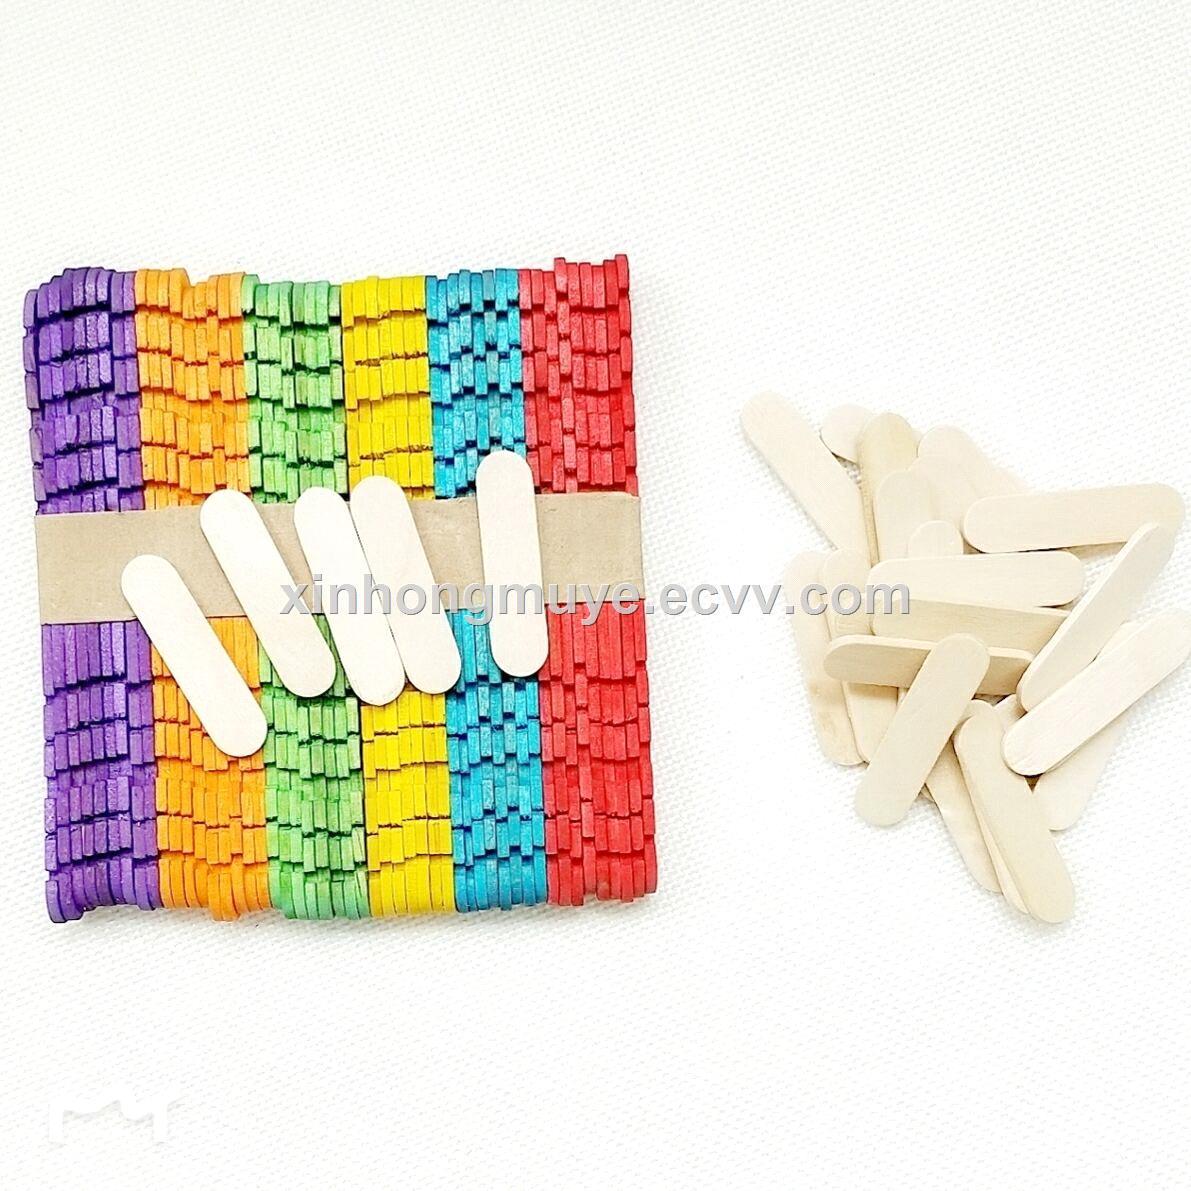 Wooden Icecream Craft Sticks For Diy Handel Art Craft 114x10x2mm